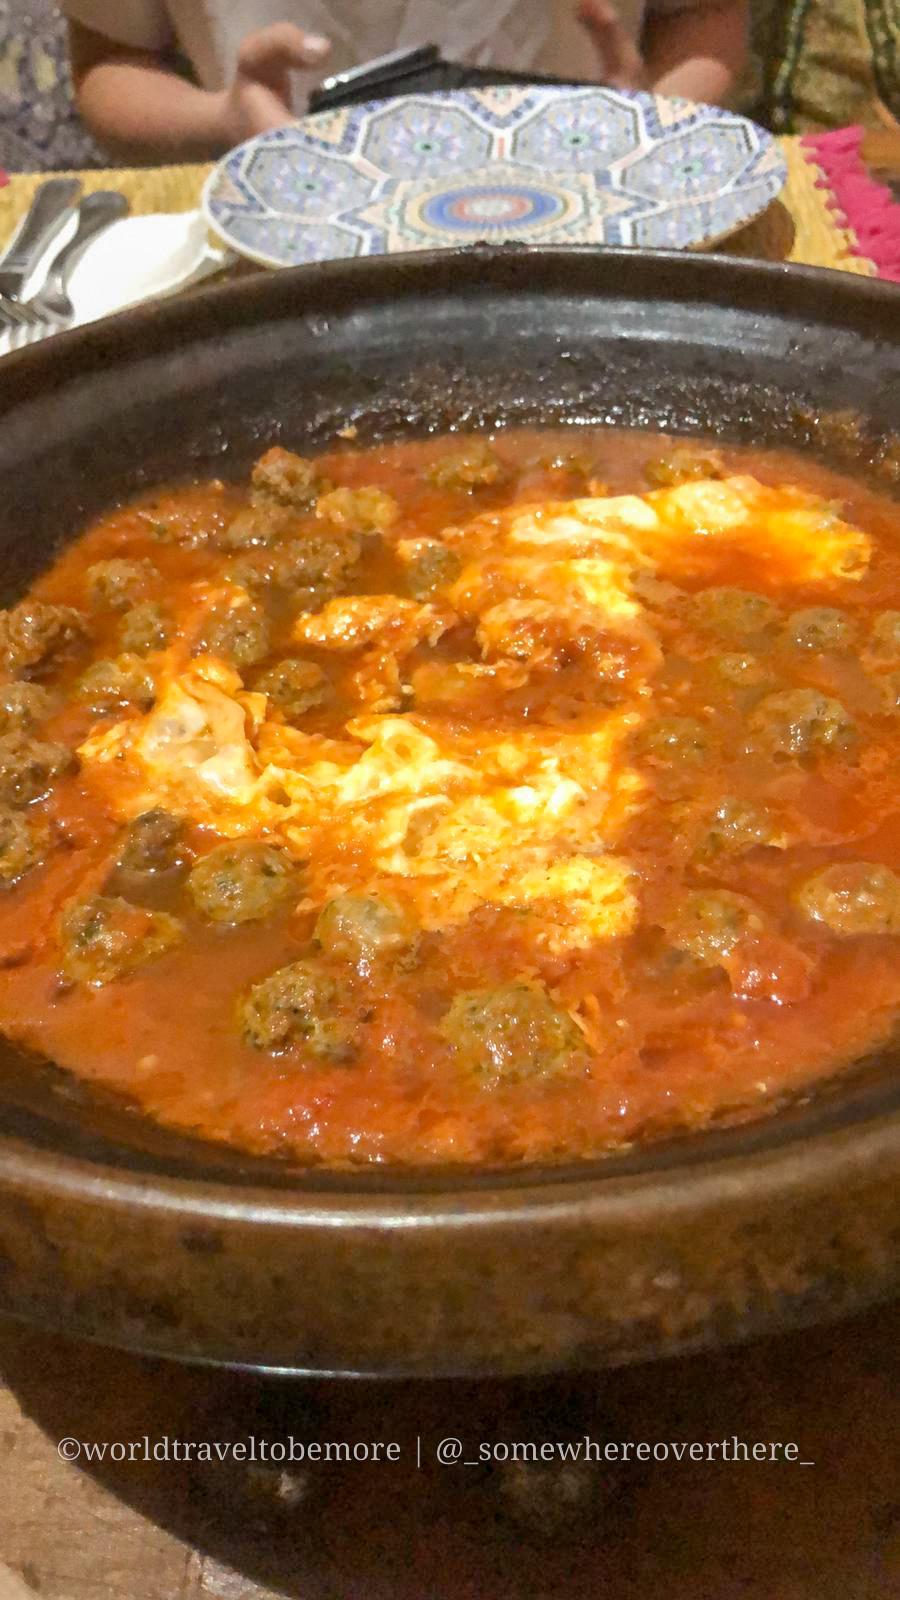 Durante il viaggio di una settimana in marocco è bene assaggiare la cucina locale, come la tajine di kefta